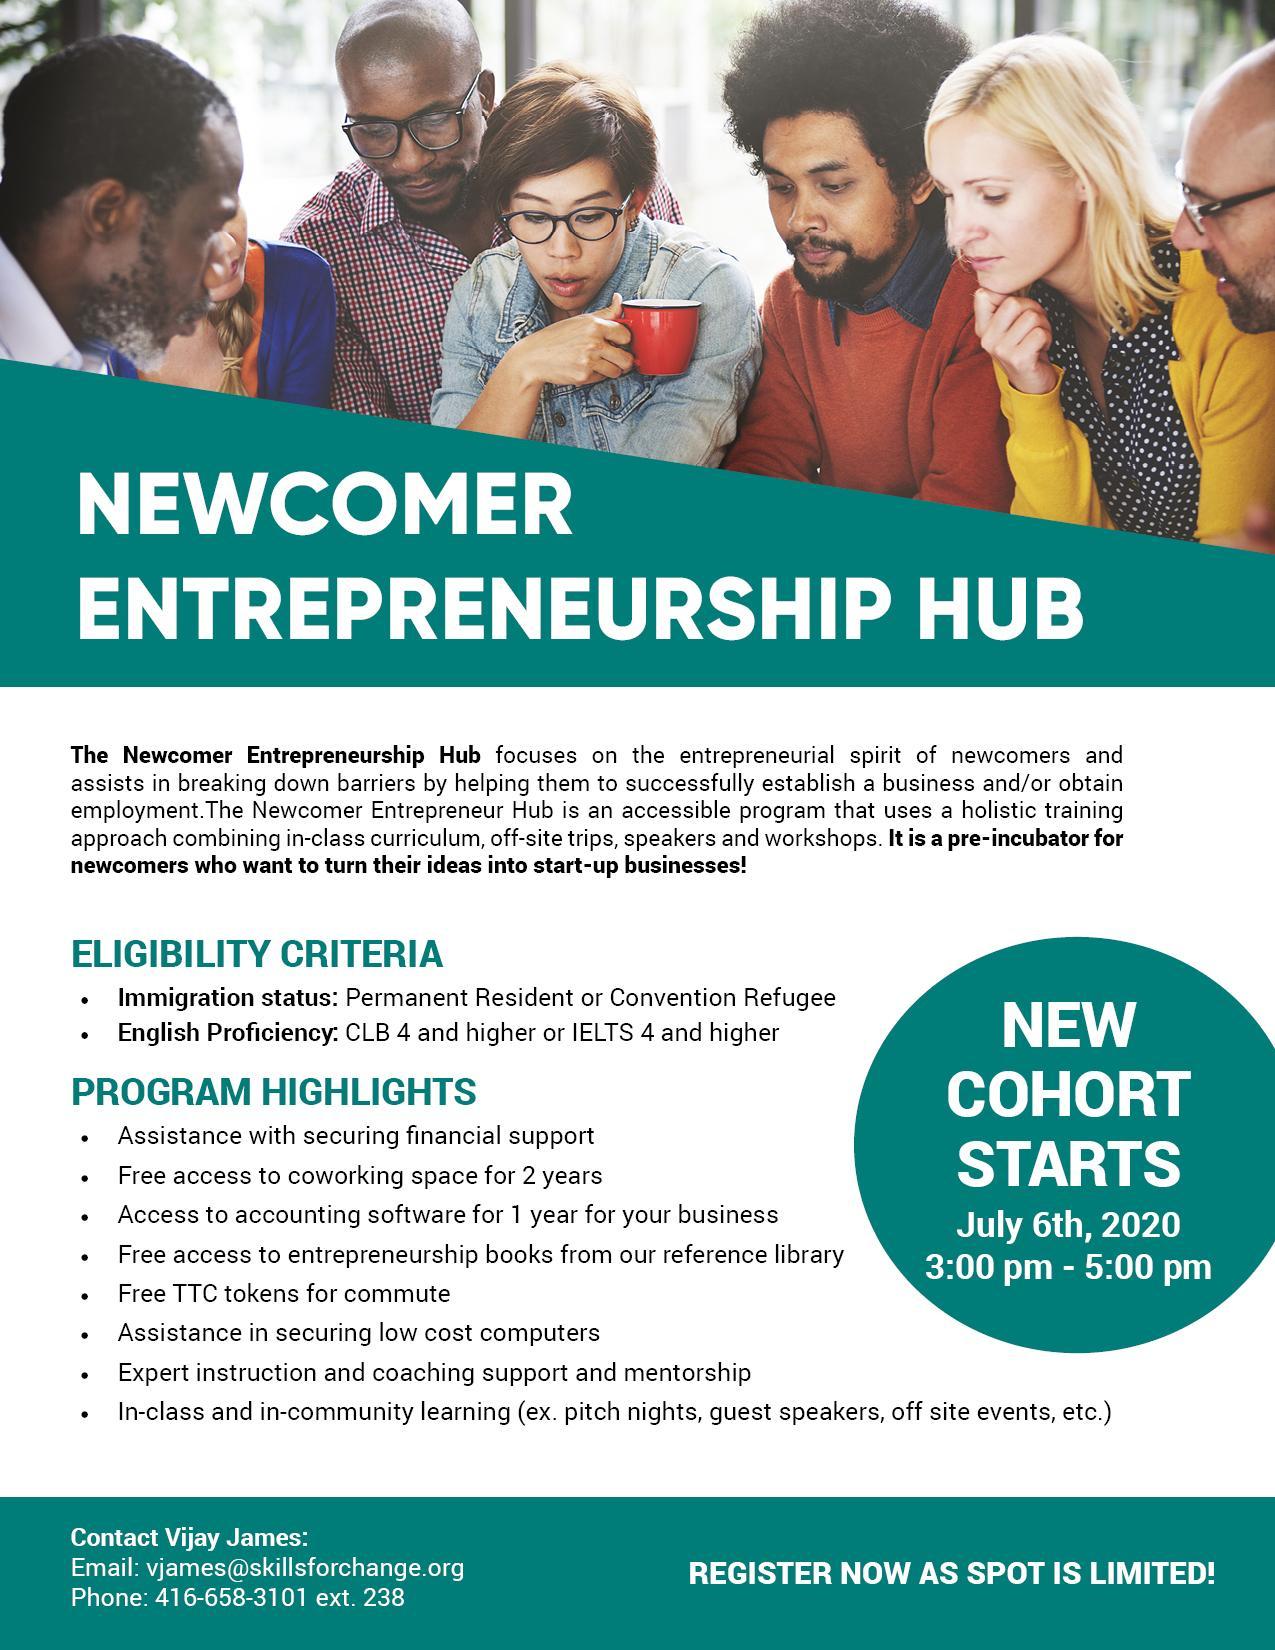 Newcomer Entrepreneurship Hub Program - September 2020